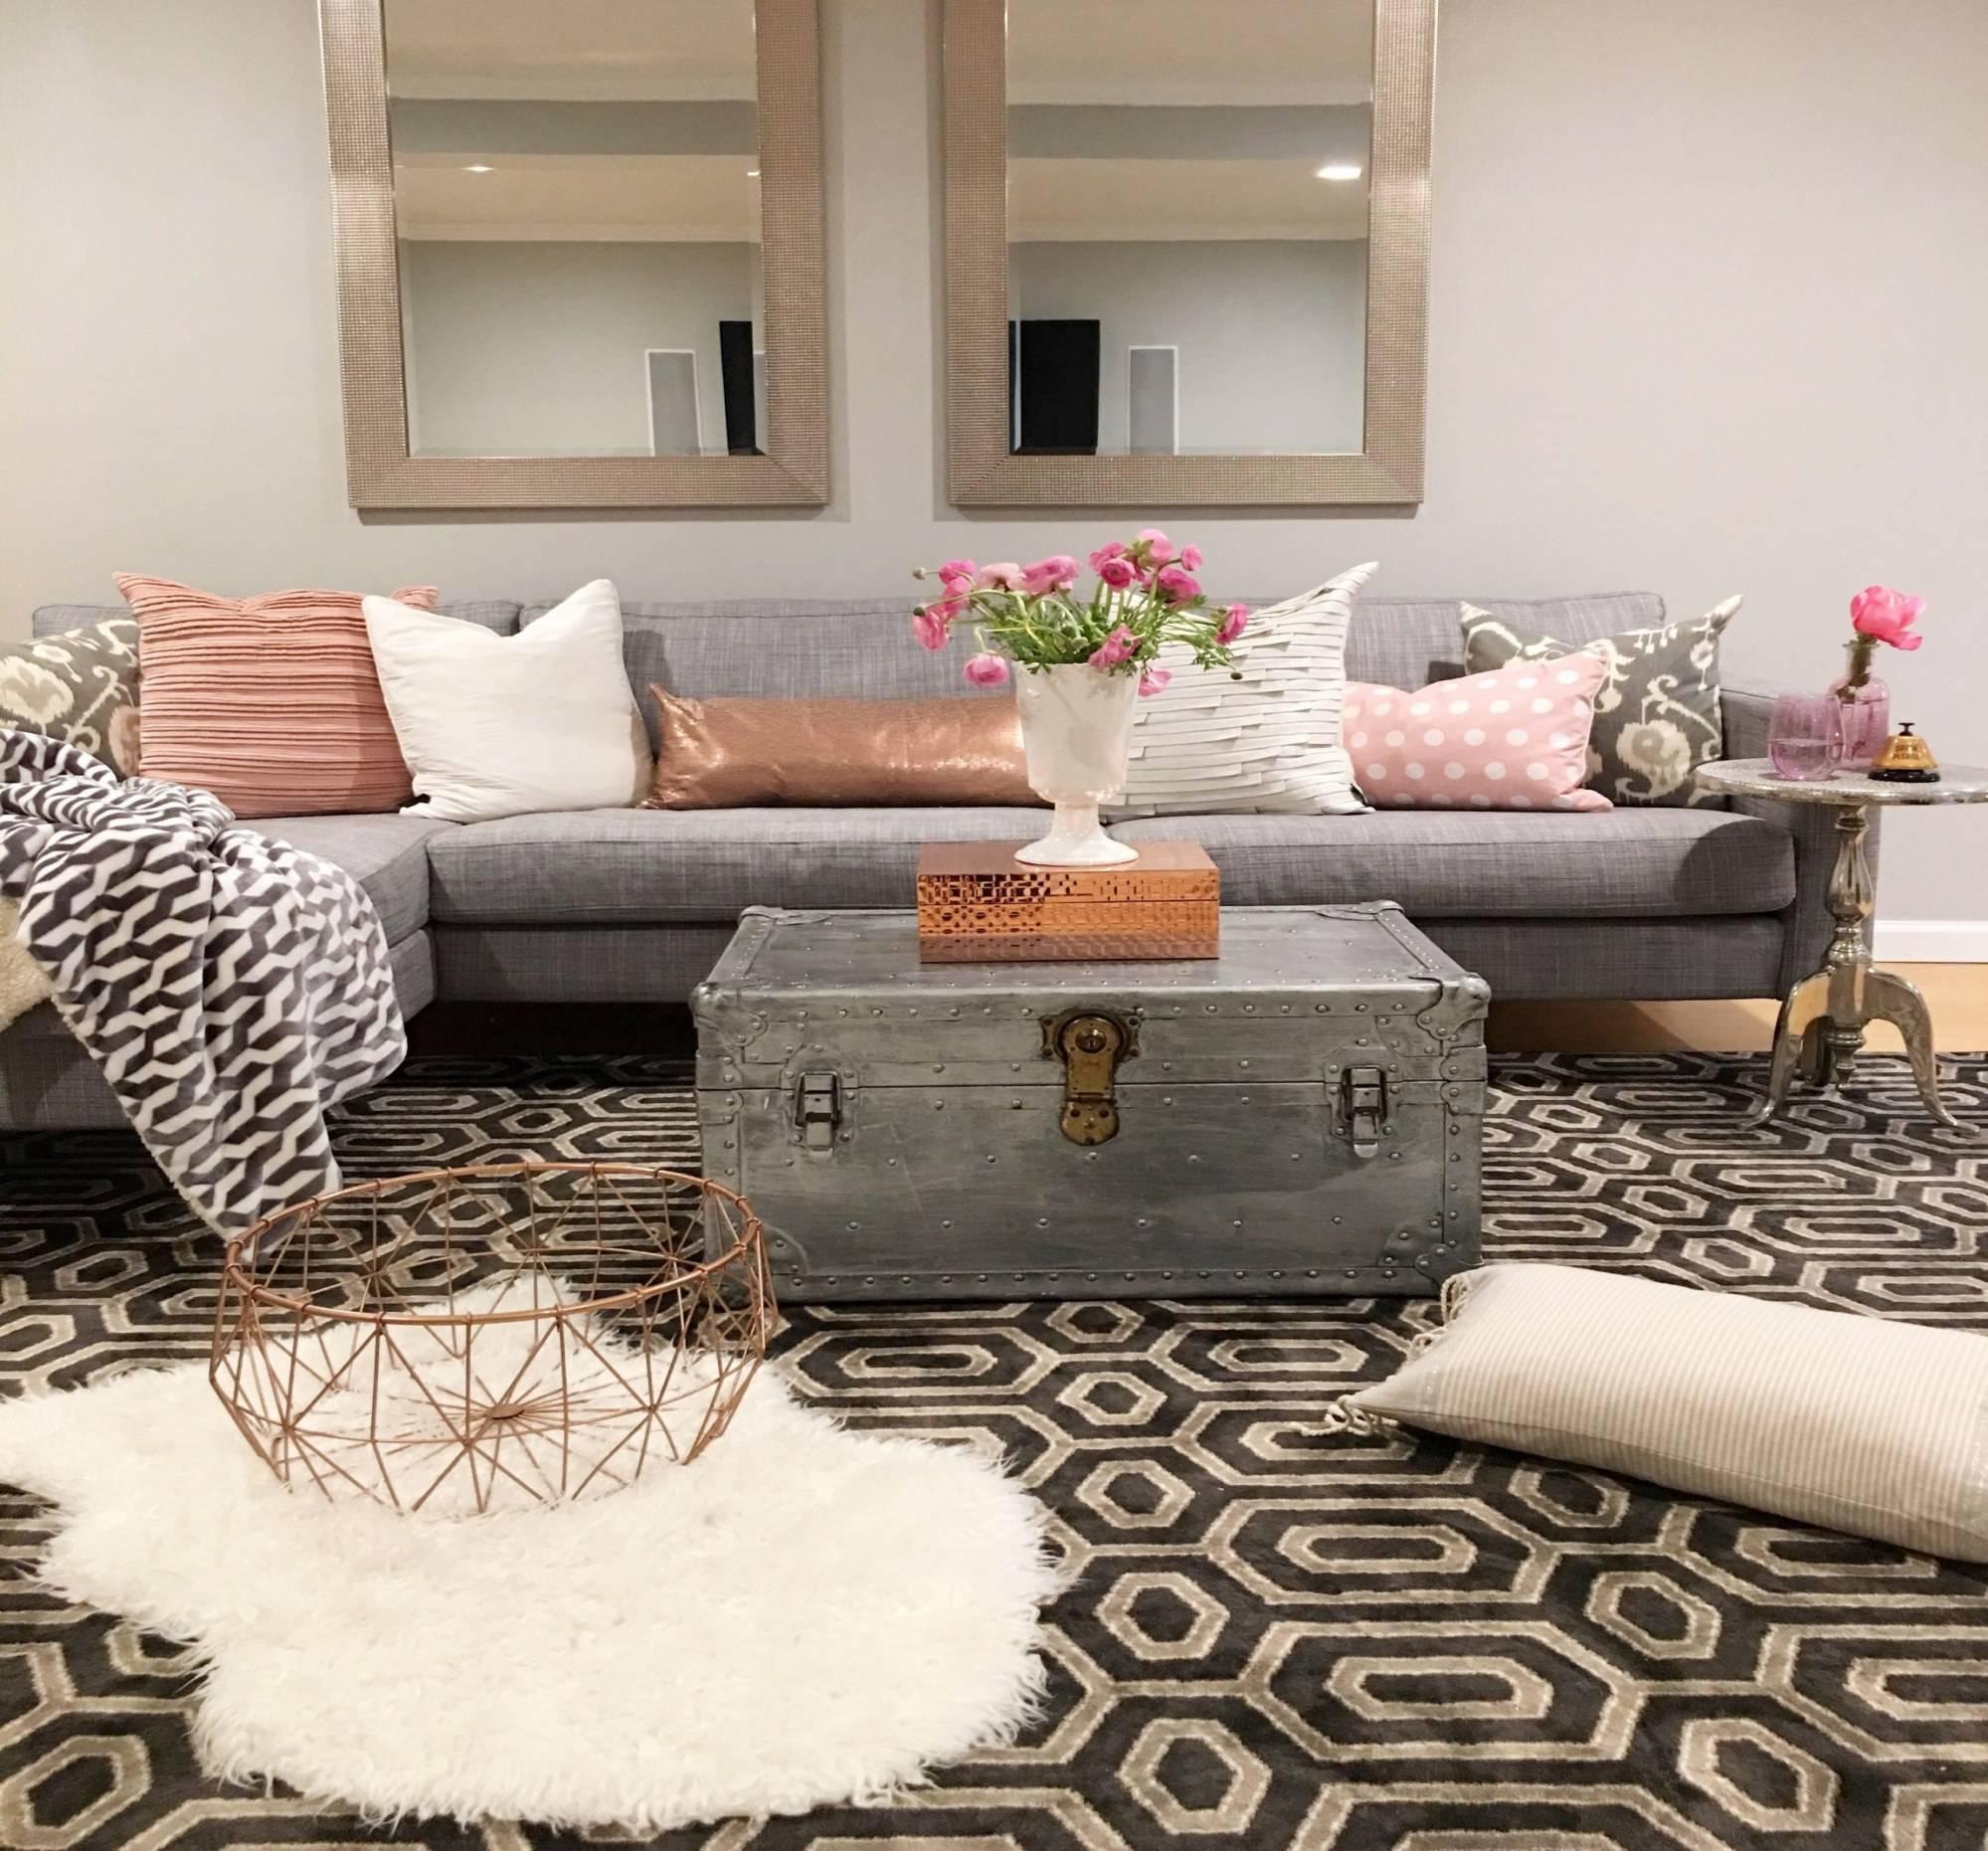 living room divider chic bedroom ideas bedroom cool gray bedroom decor elegant of living room divider